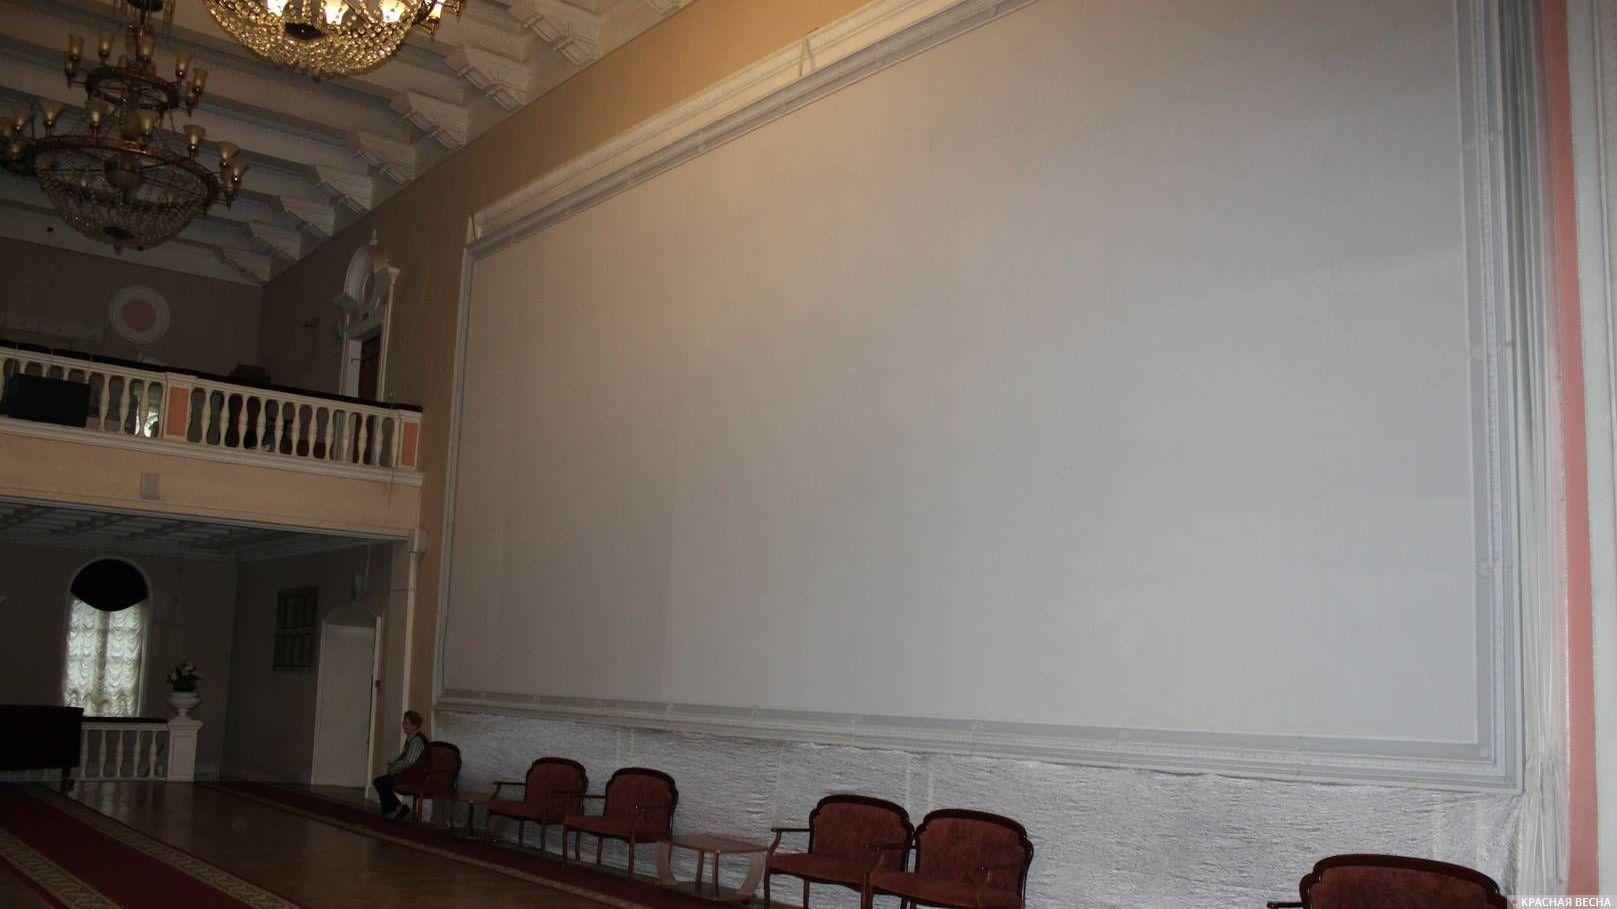 Монументальная роспись «Победа», задрапированная белым полотном